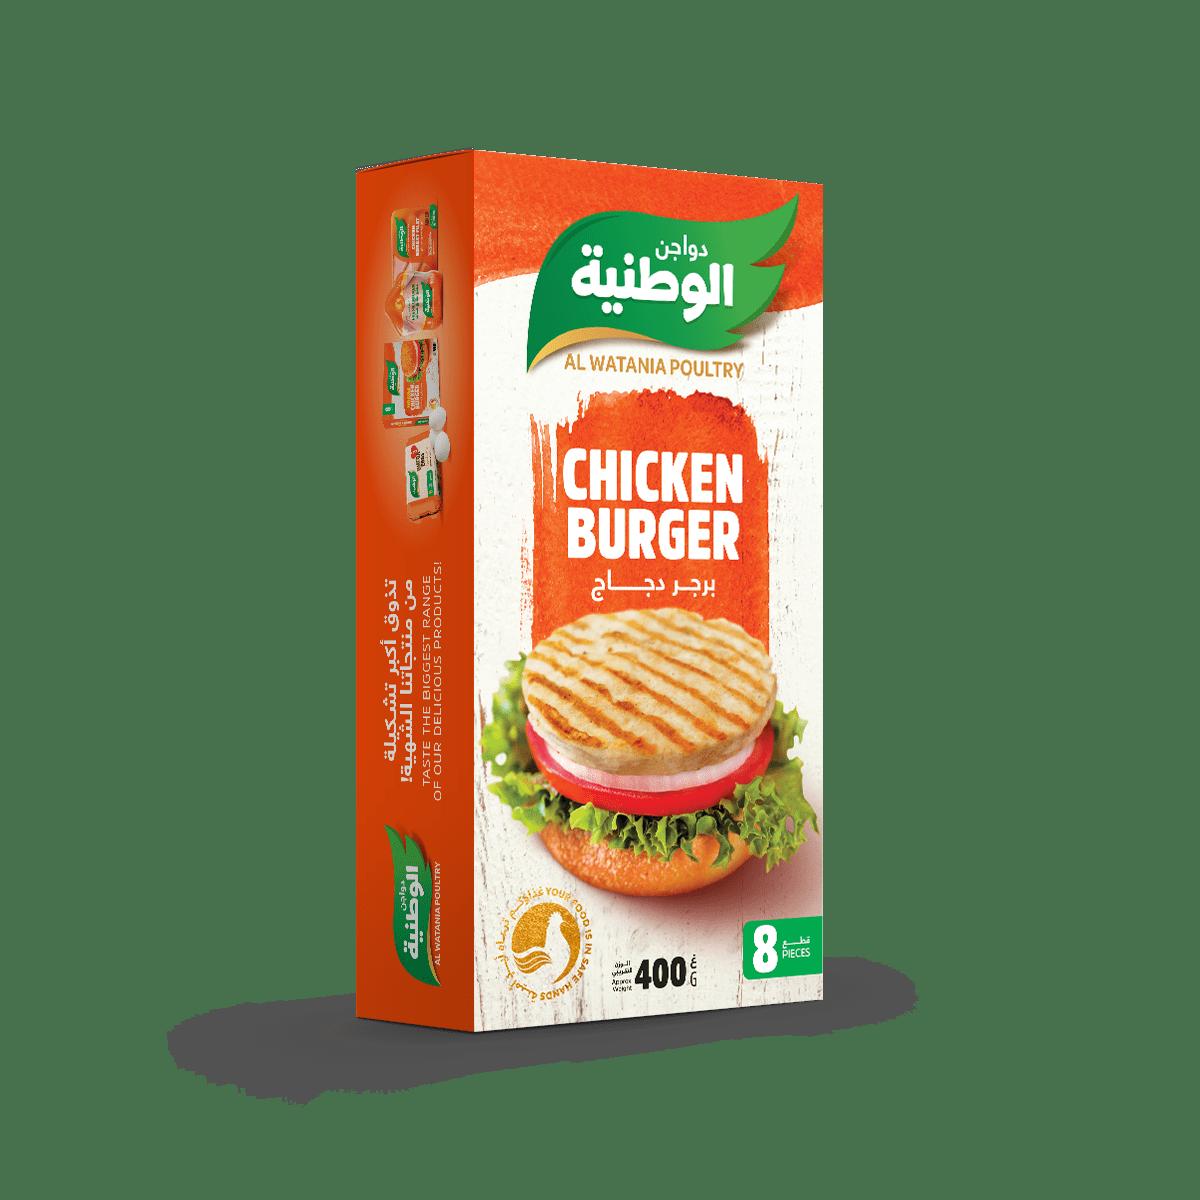 بورجر الدجاج